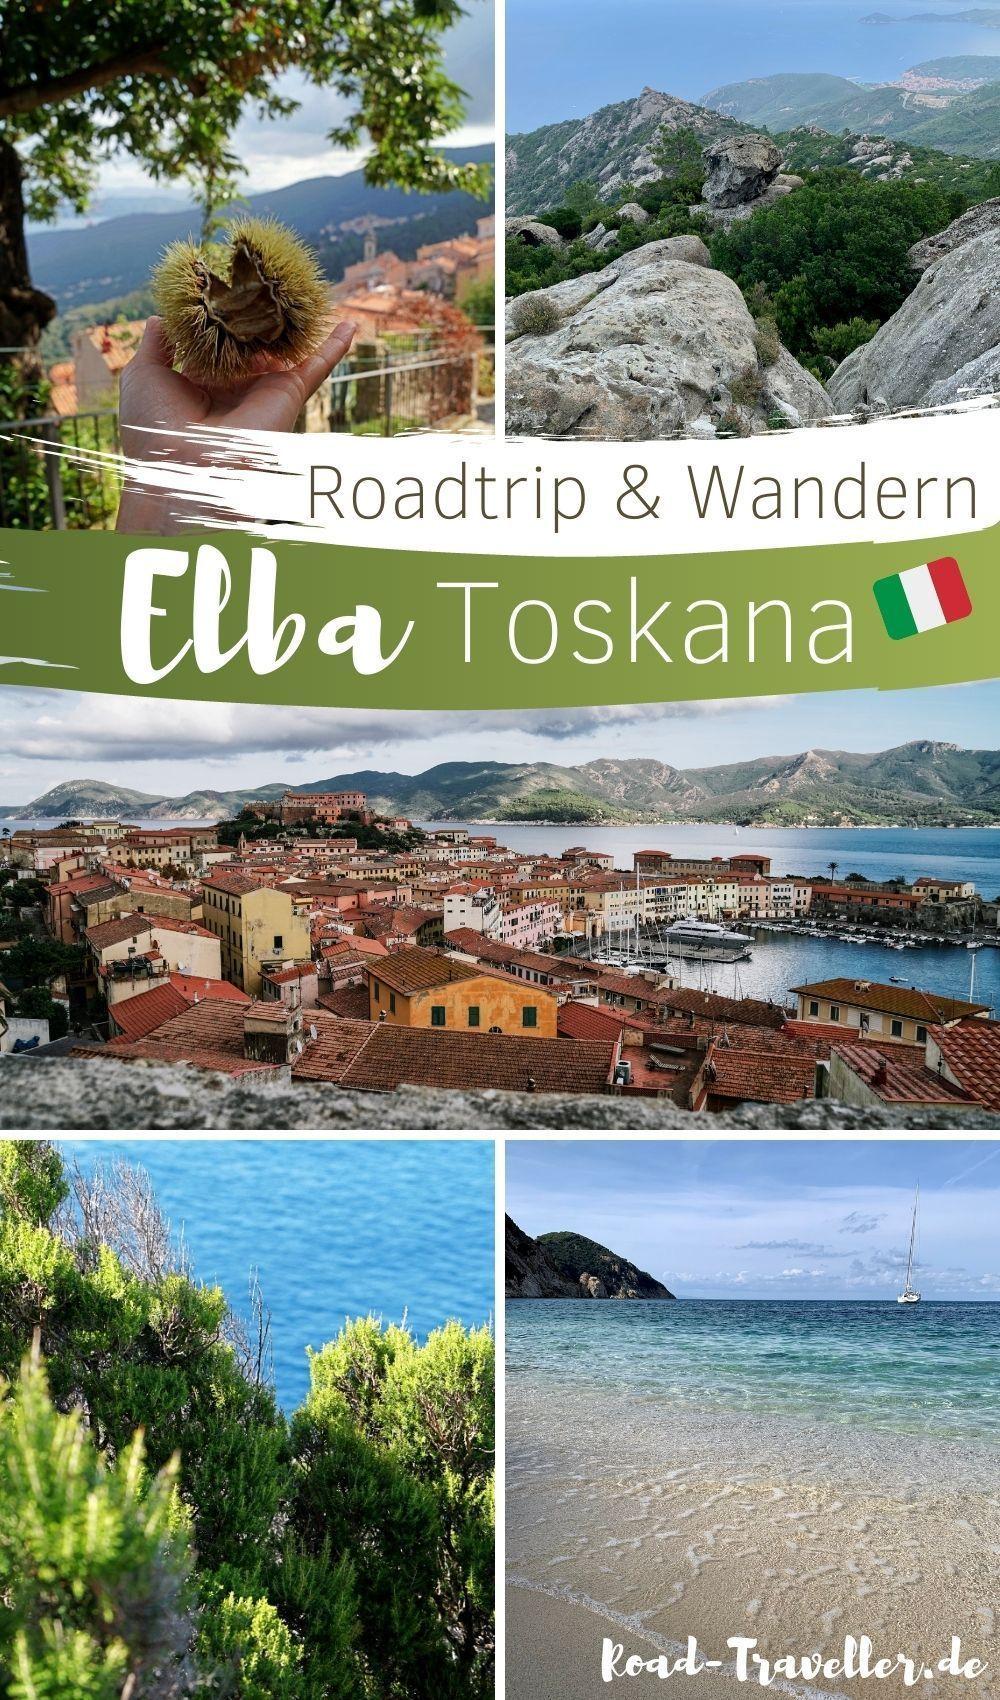 Mit dem Wohnmobil nach Elba: Roadtrip ans Meer in 2021 ...